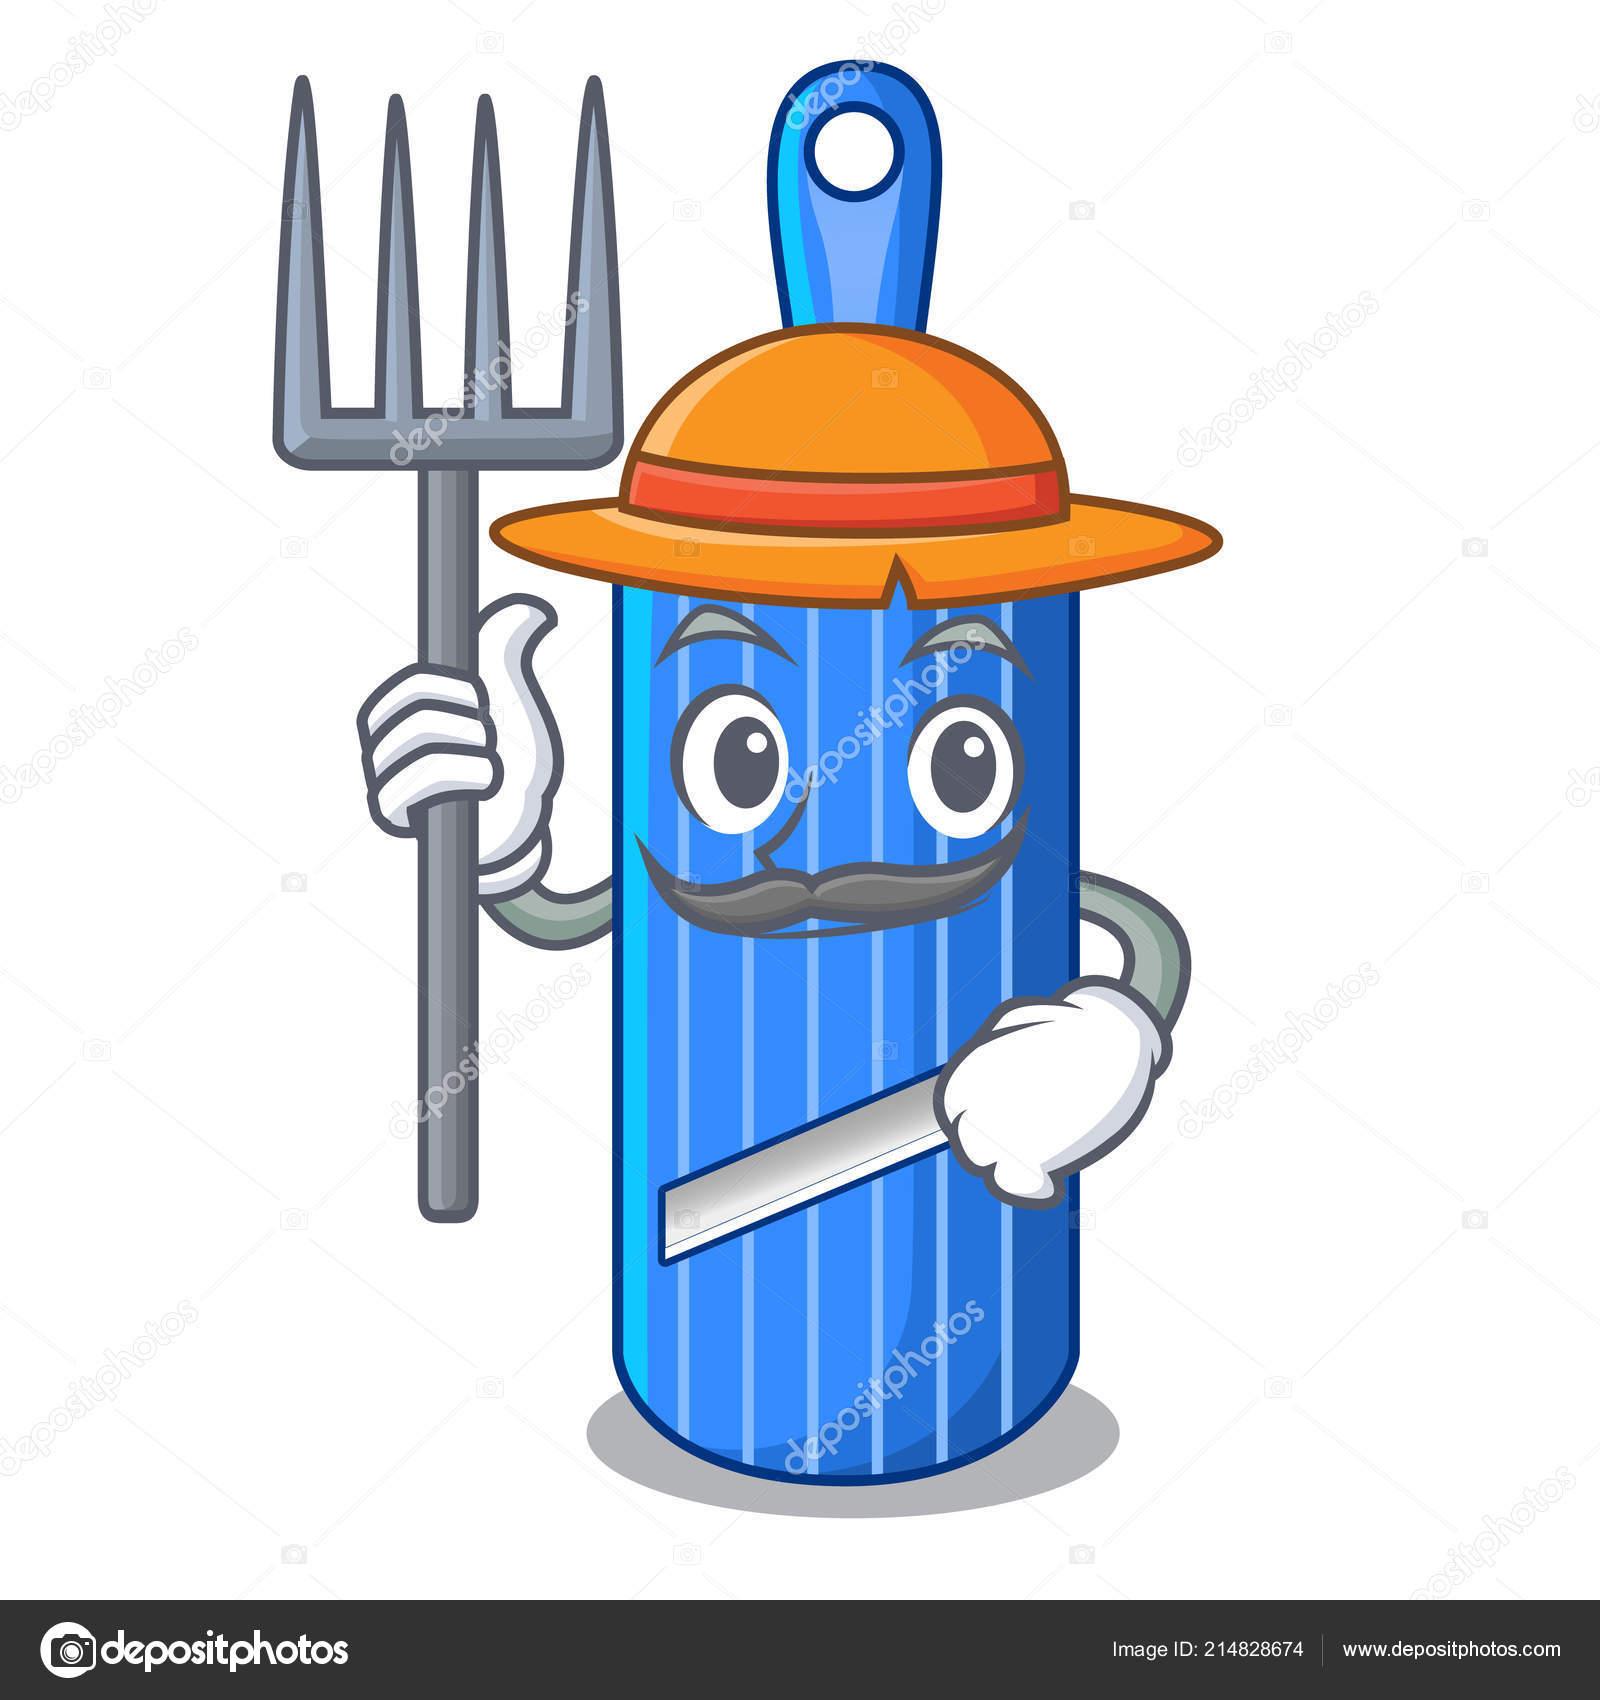 Farmer Cut Food On Mandolin Slicer Cartoon Stock Vector